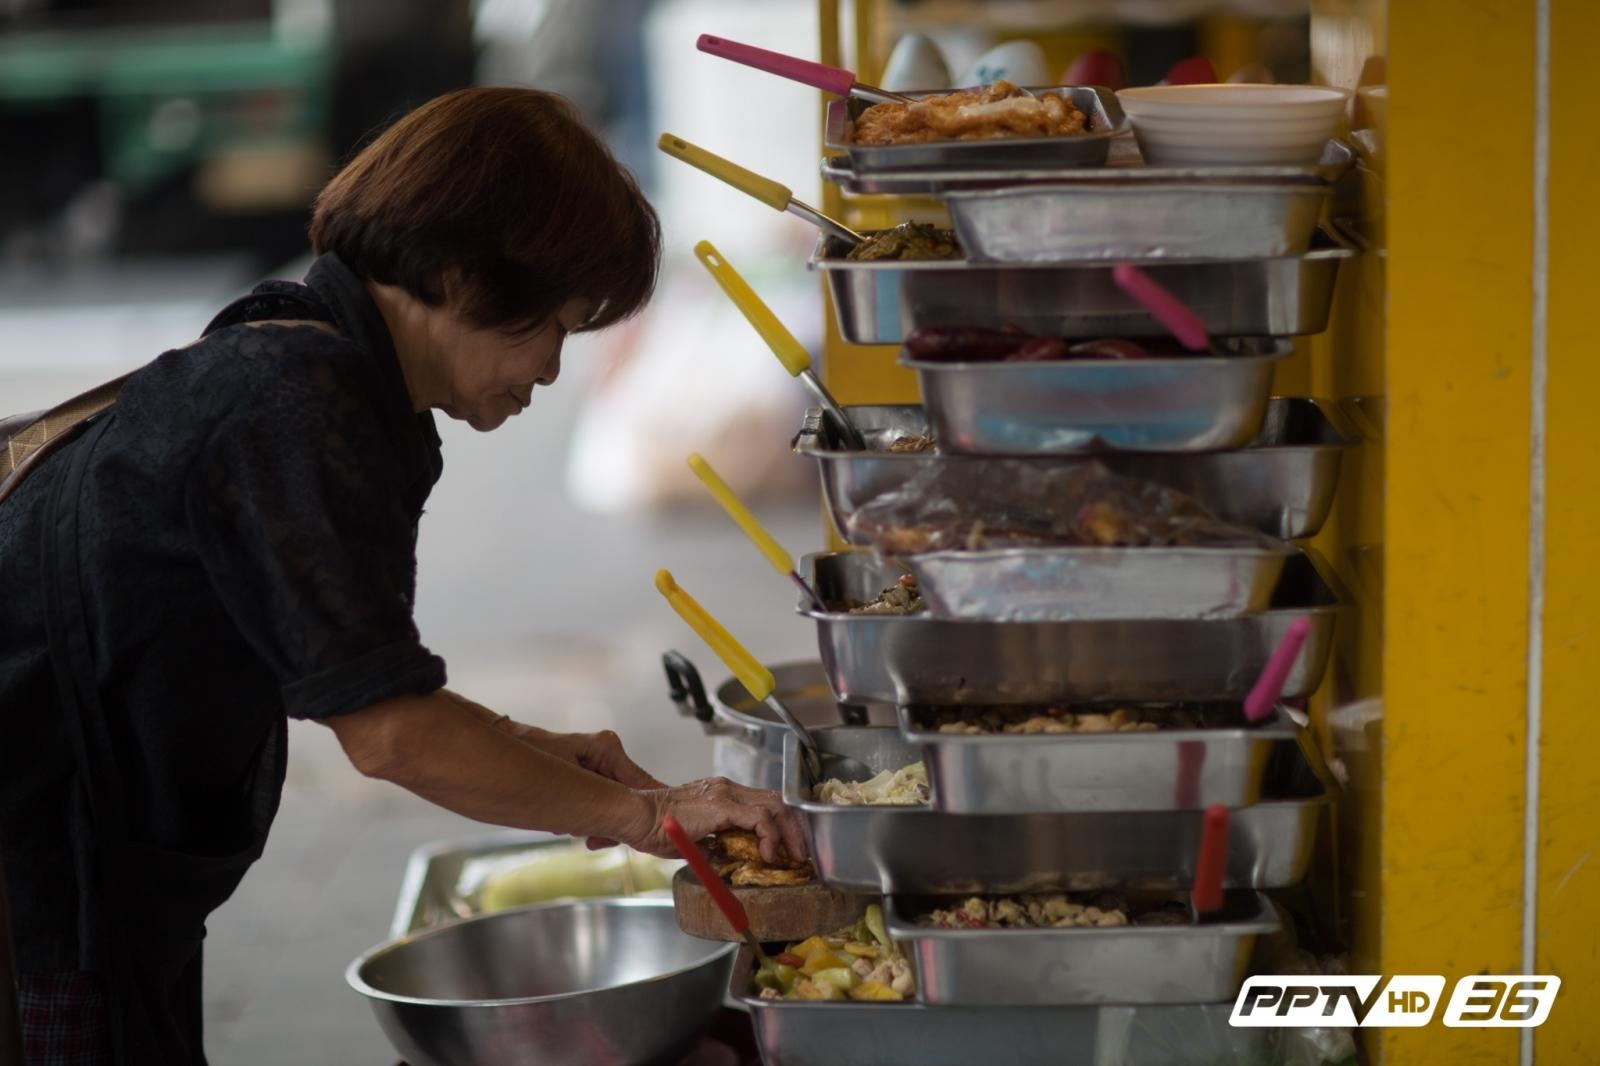 ร้านข้าวแกงที่เล็กที่สุดในโลก ใช้พื้นที่ 1 ตารางเมตร